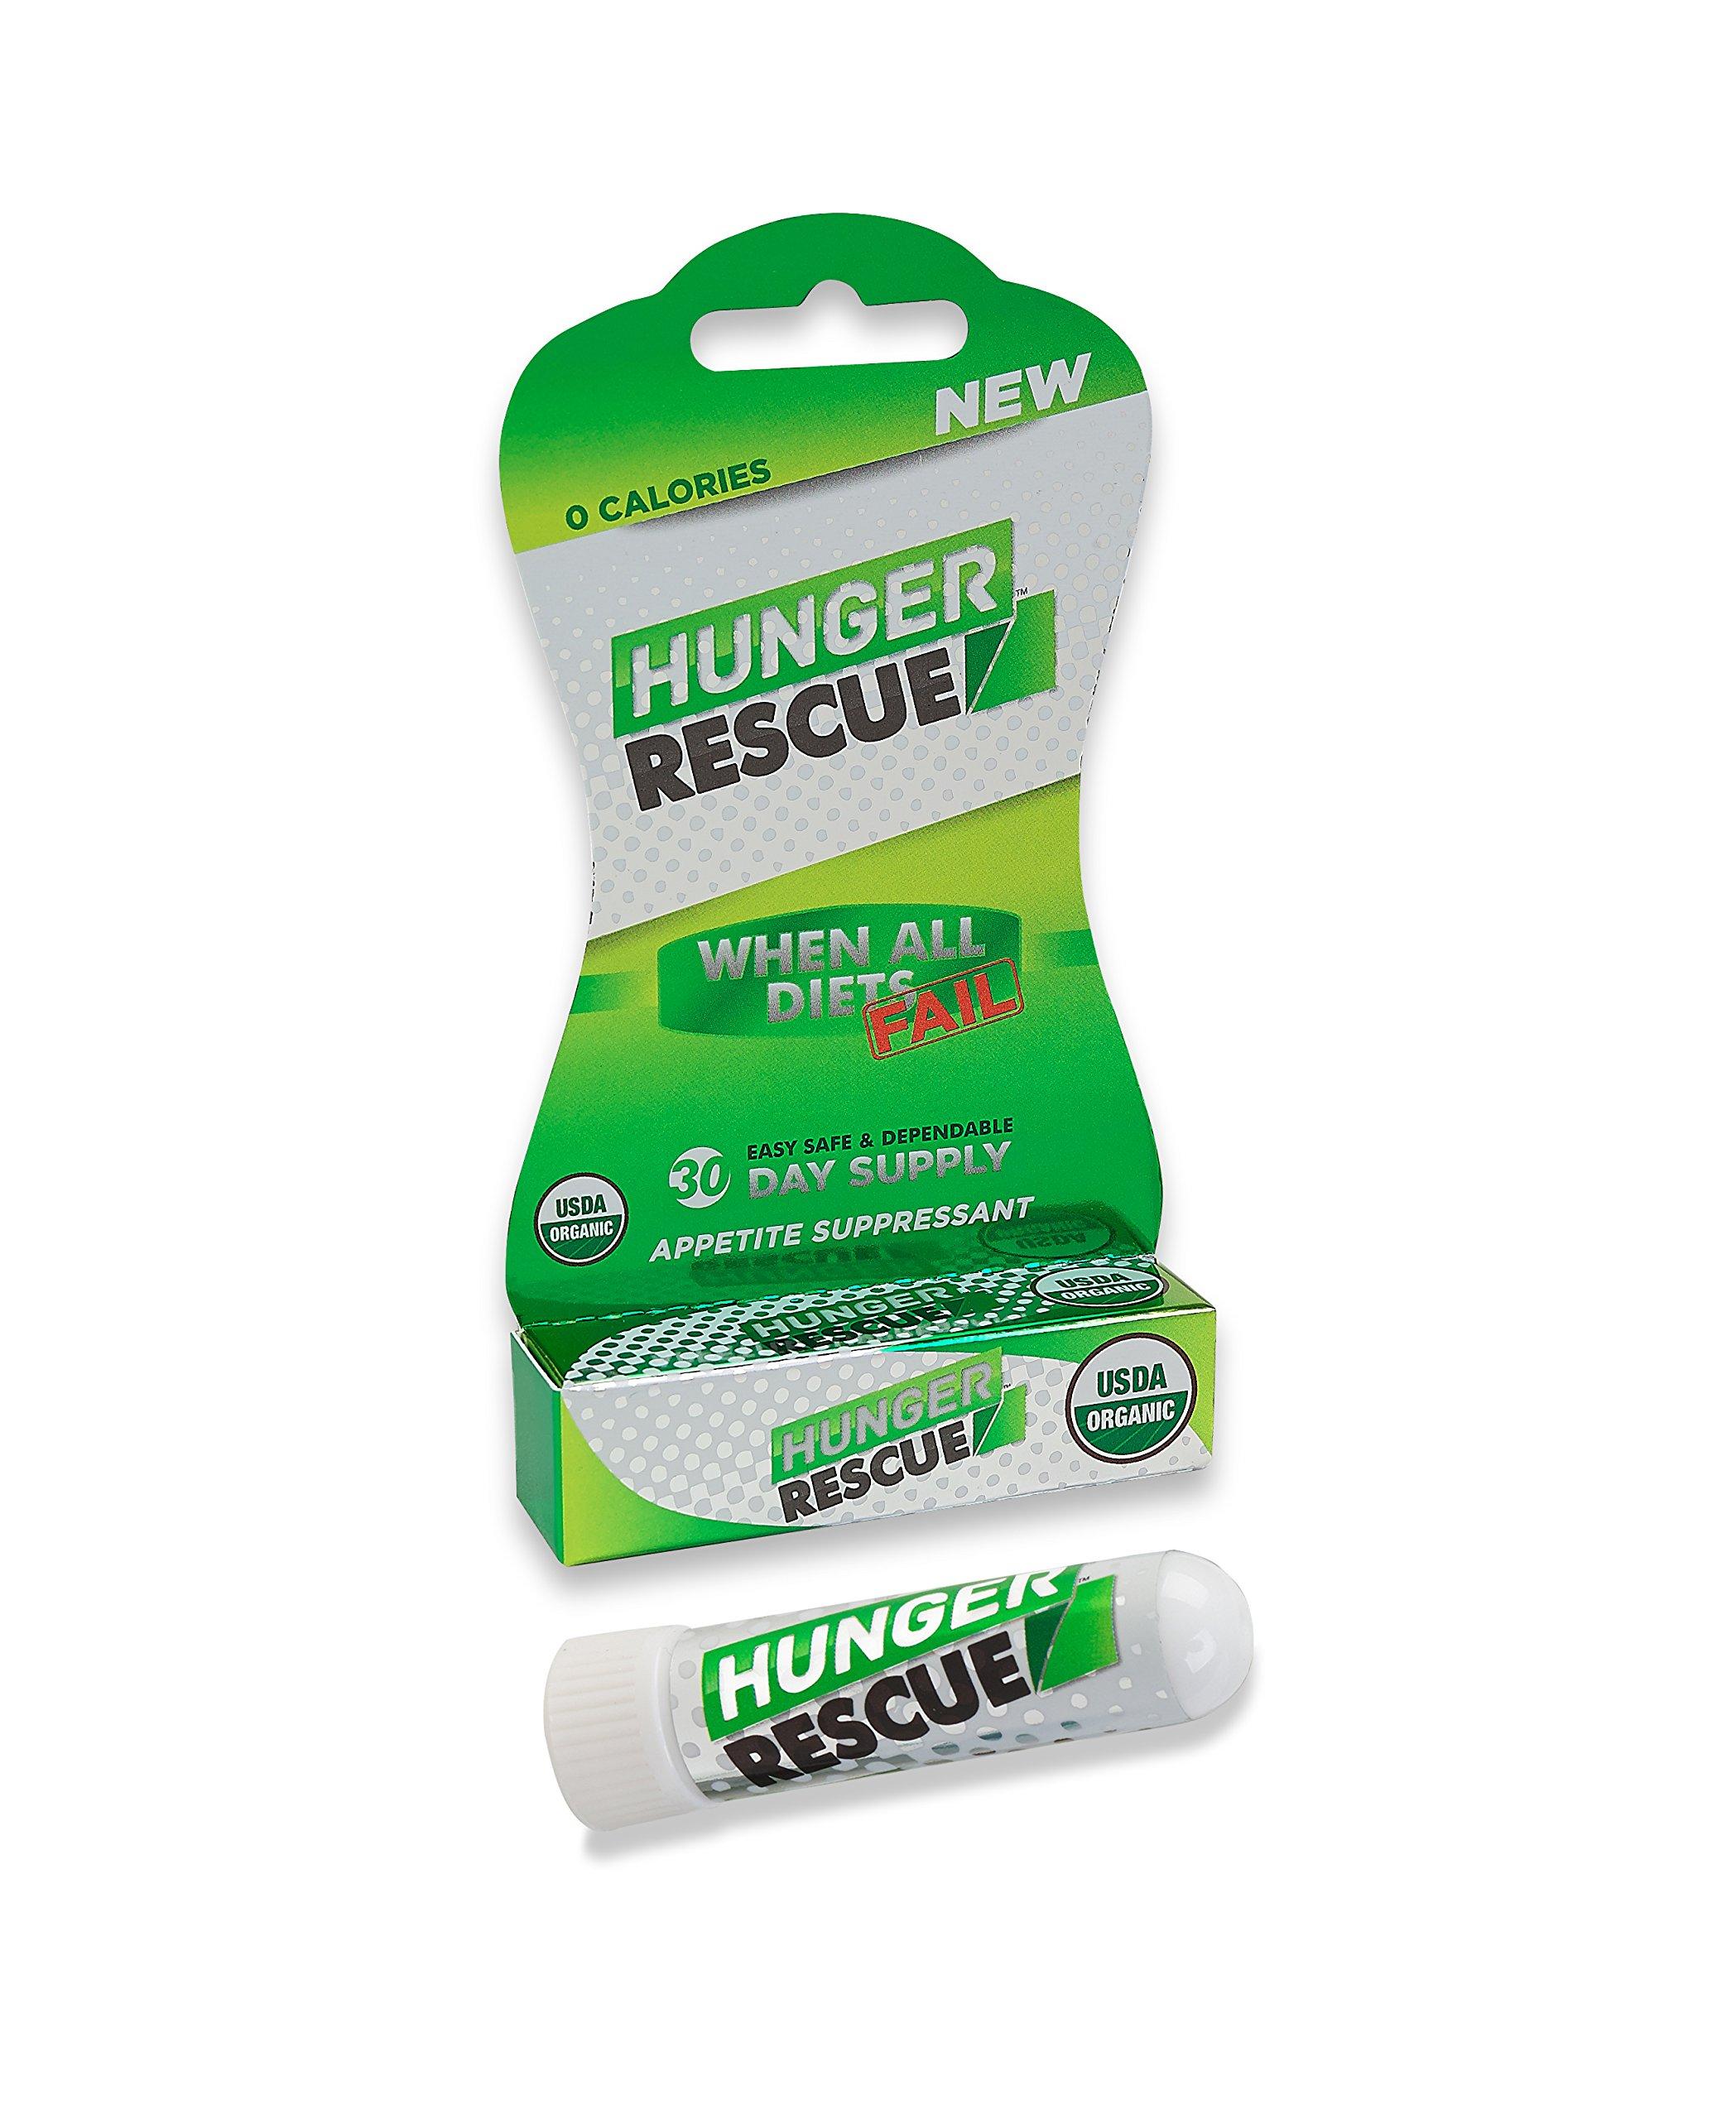 Hunger Rescue Appetite Supressant Inhaler by Marev LLC